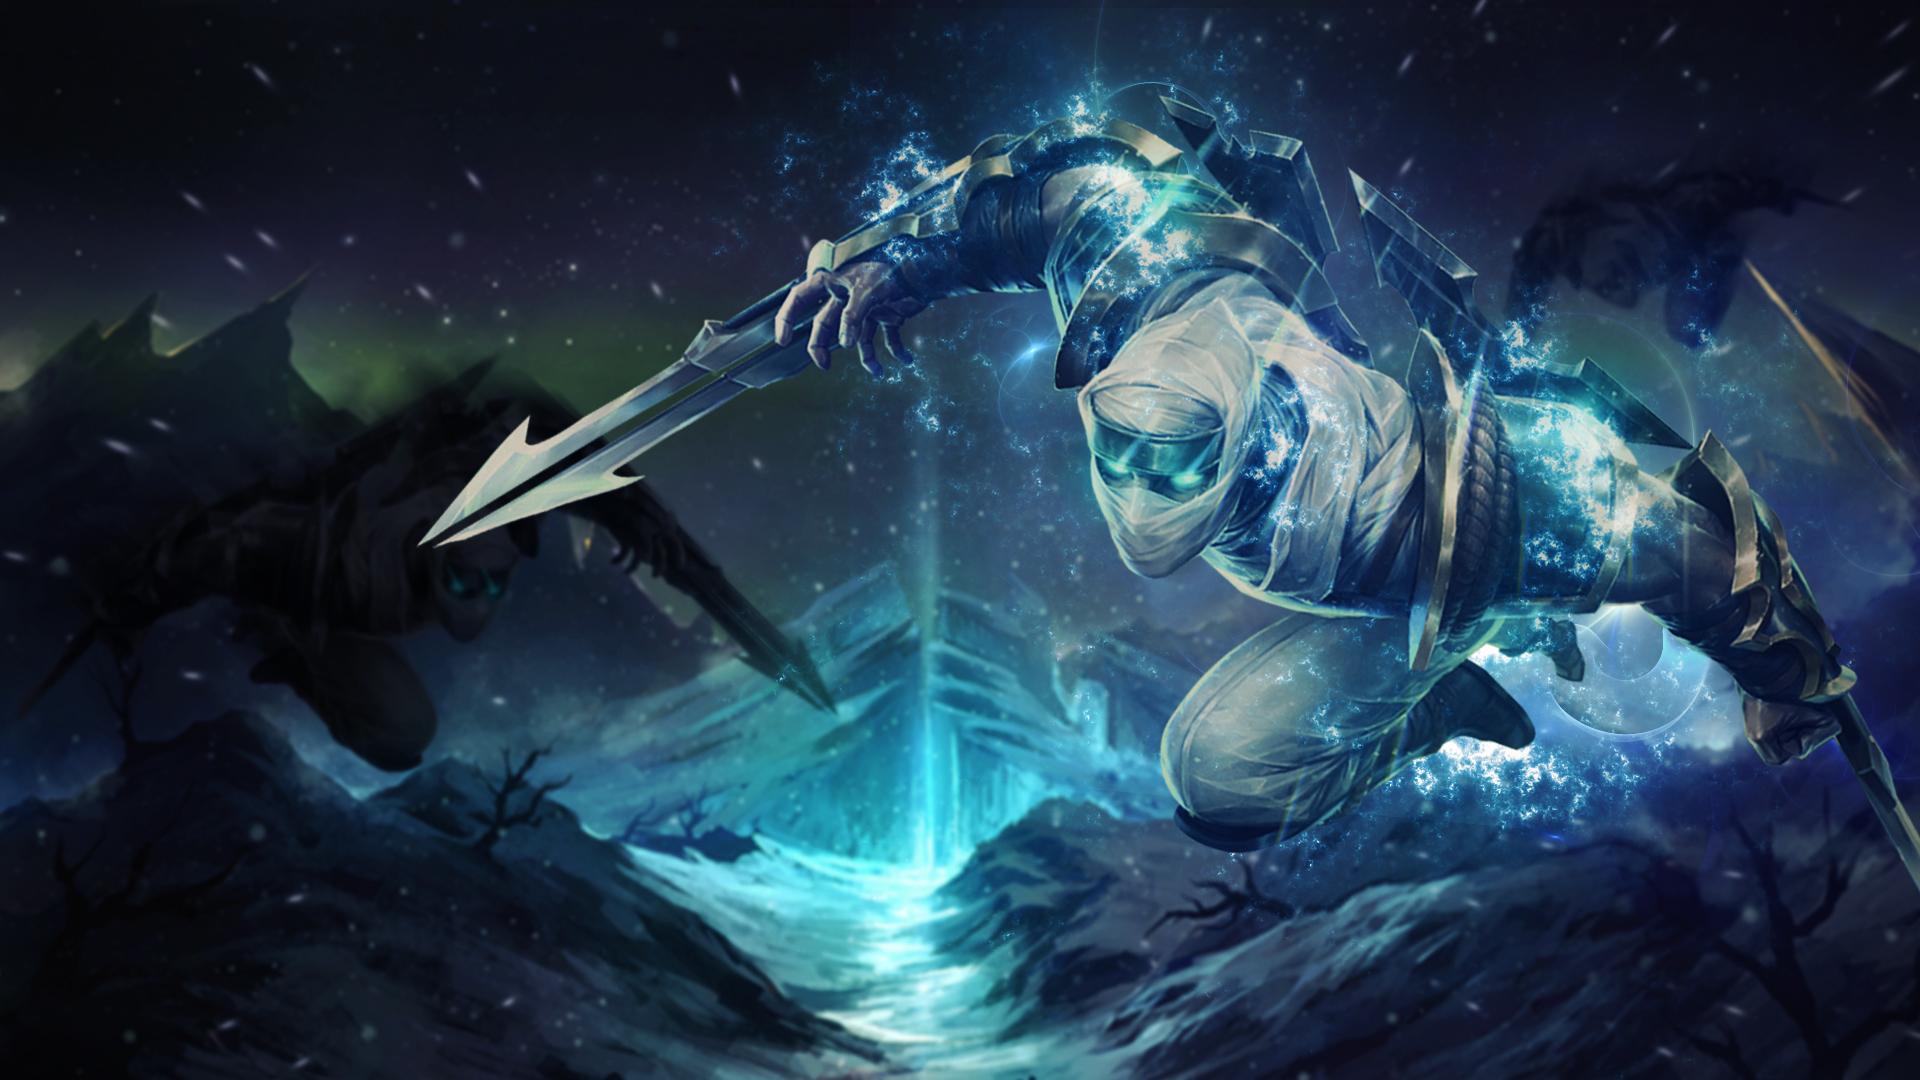 league of legends zed desktop wallpaper by trinexz